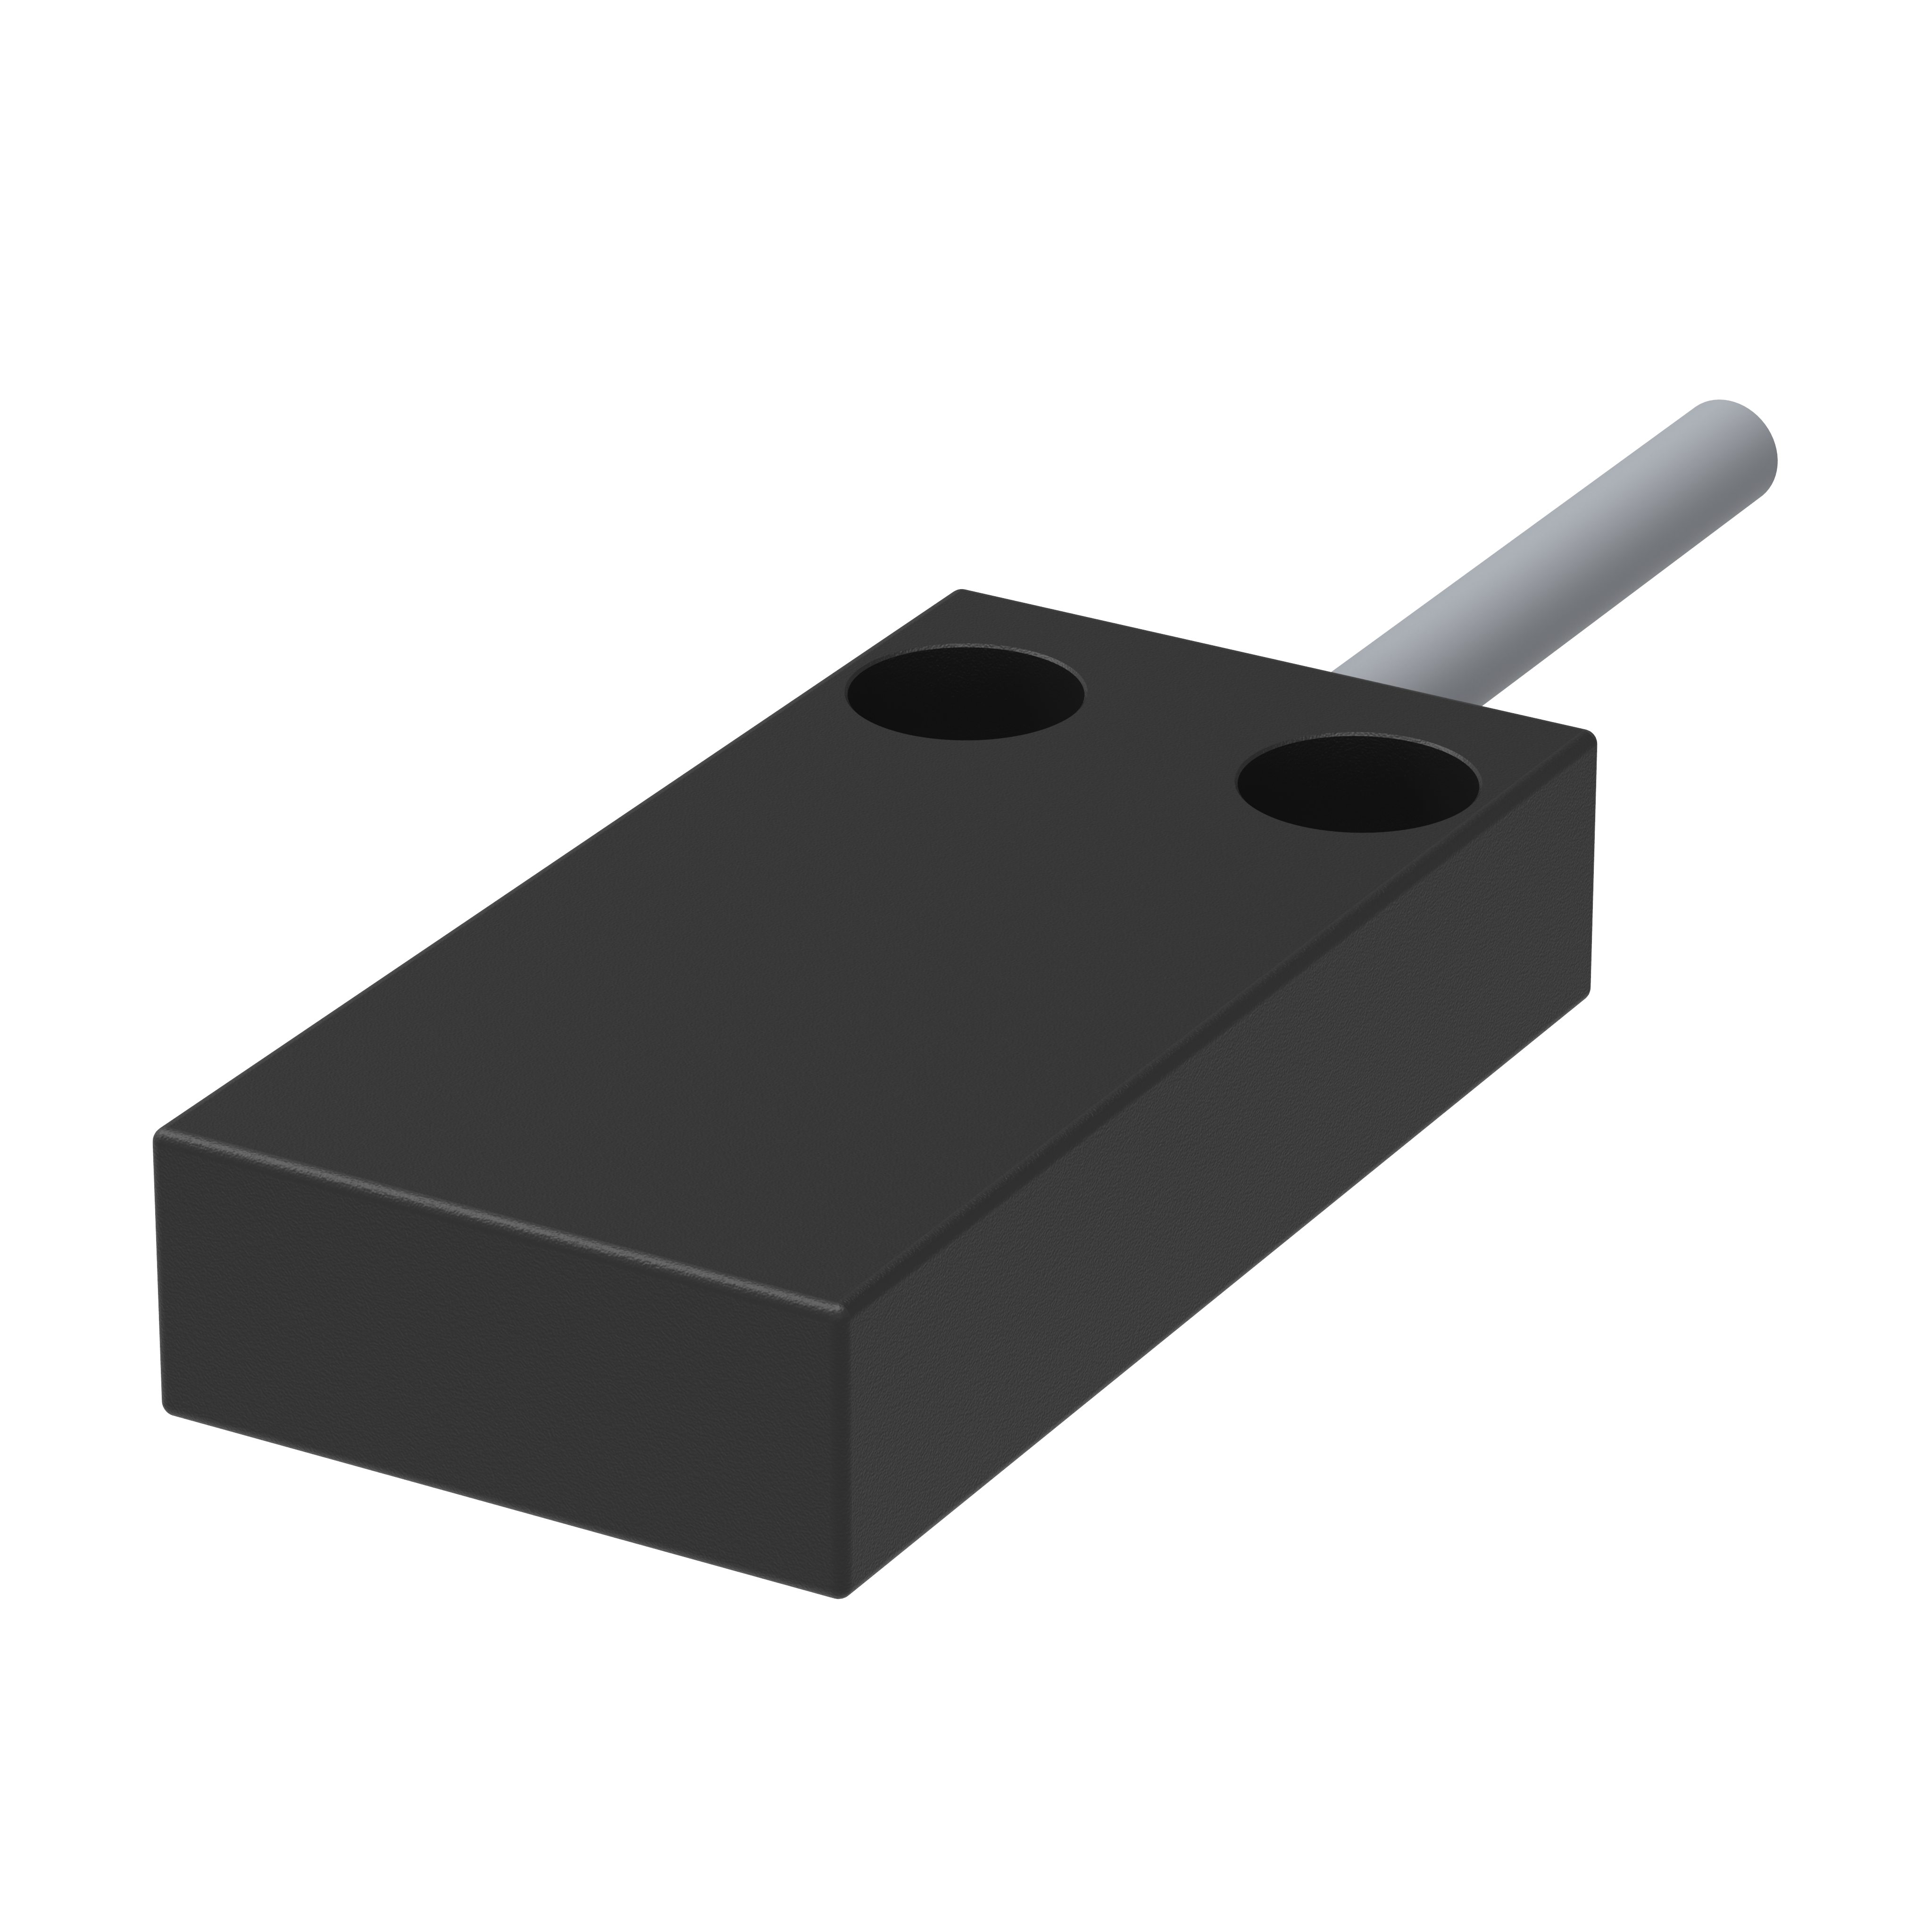 Sicherheitssensor - 114270-5 - magnetisch betätigt - Schließer/Öffner, 5m Kabel